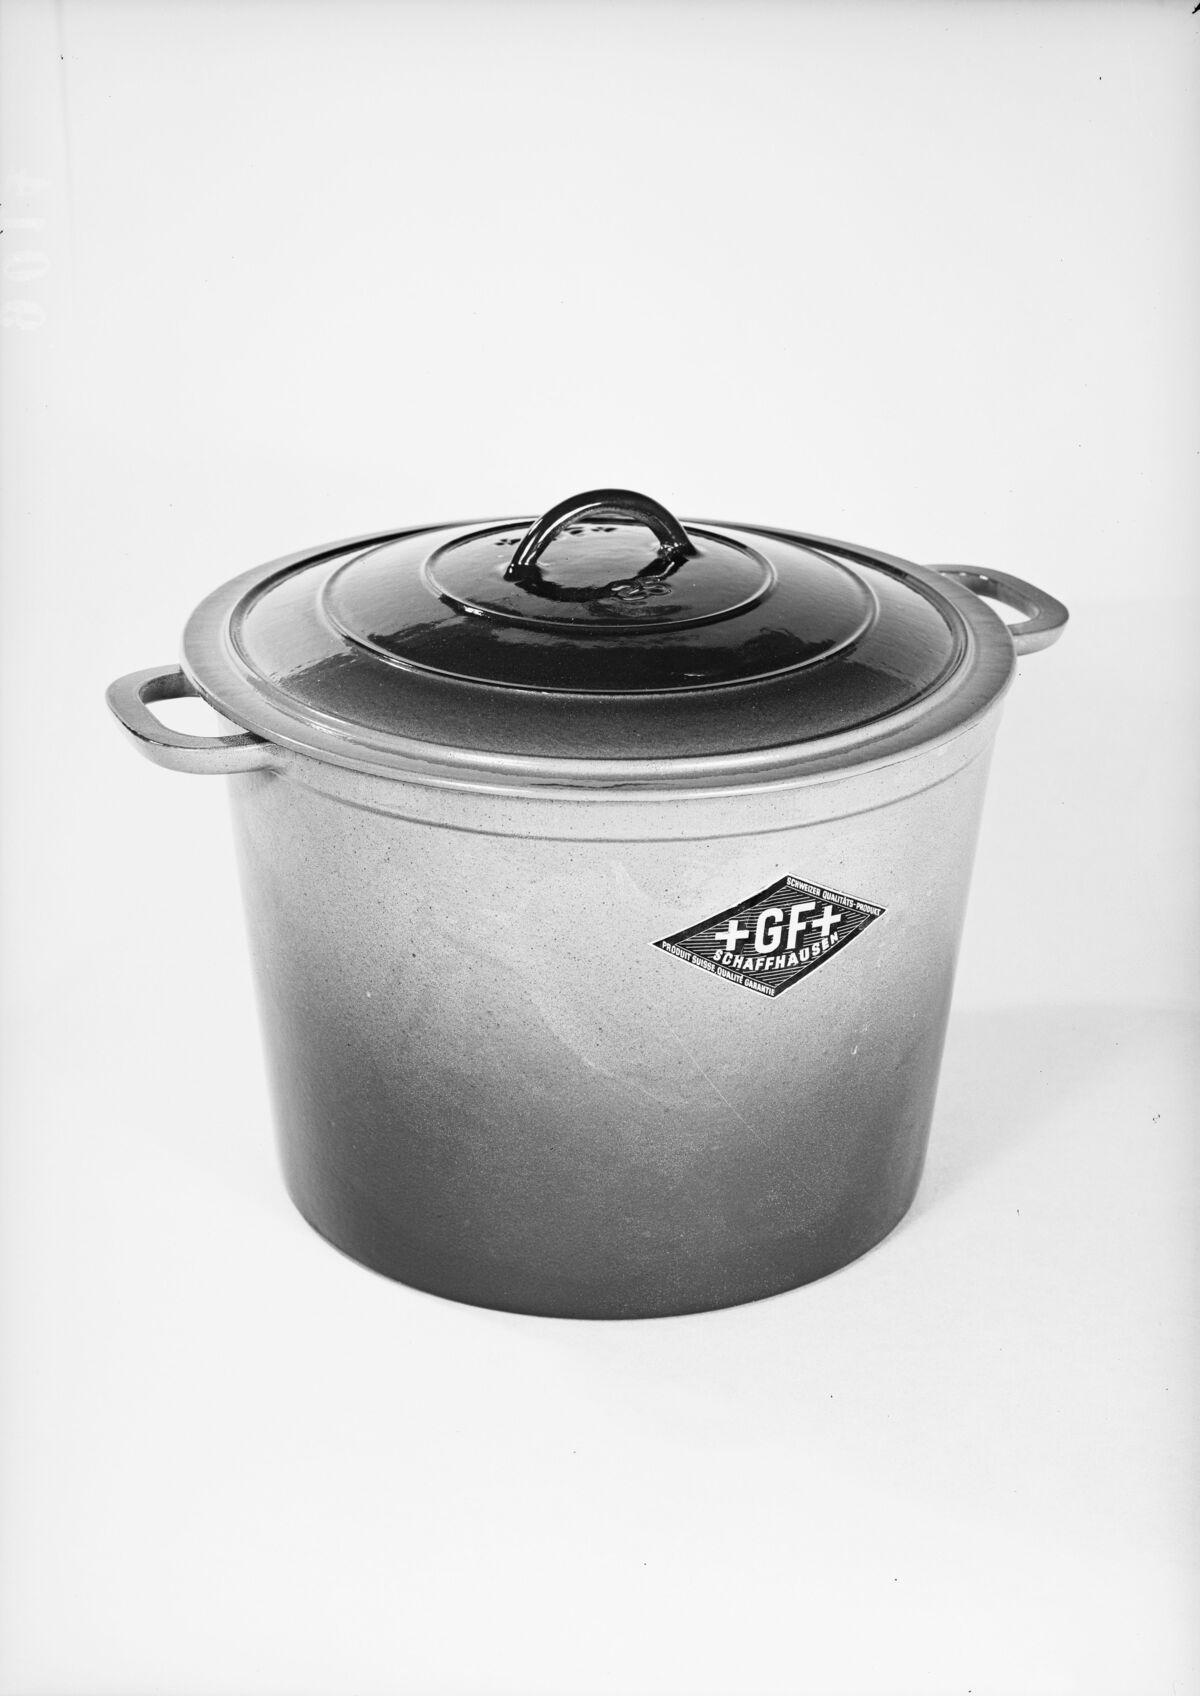 GFA 16/9014: Cookware